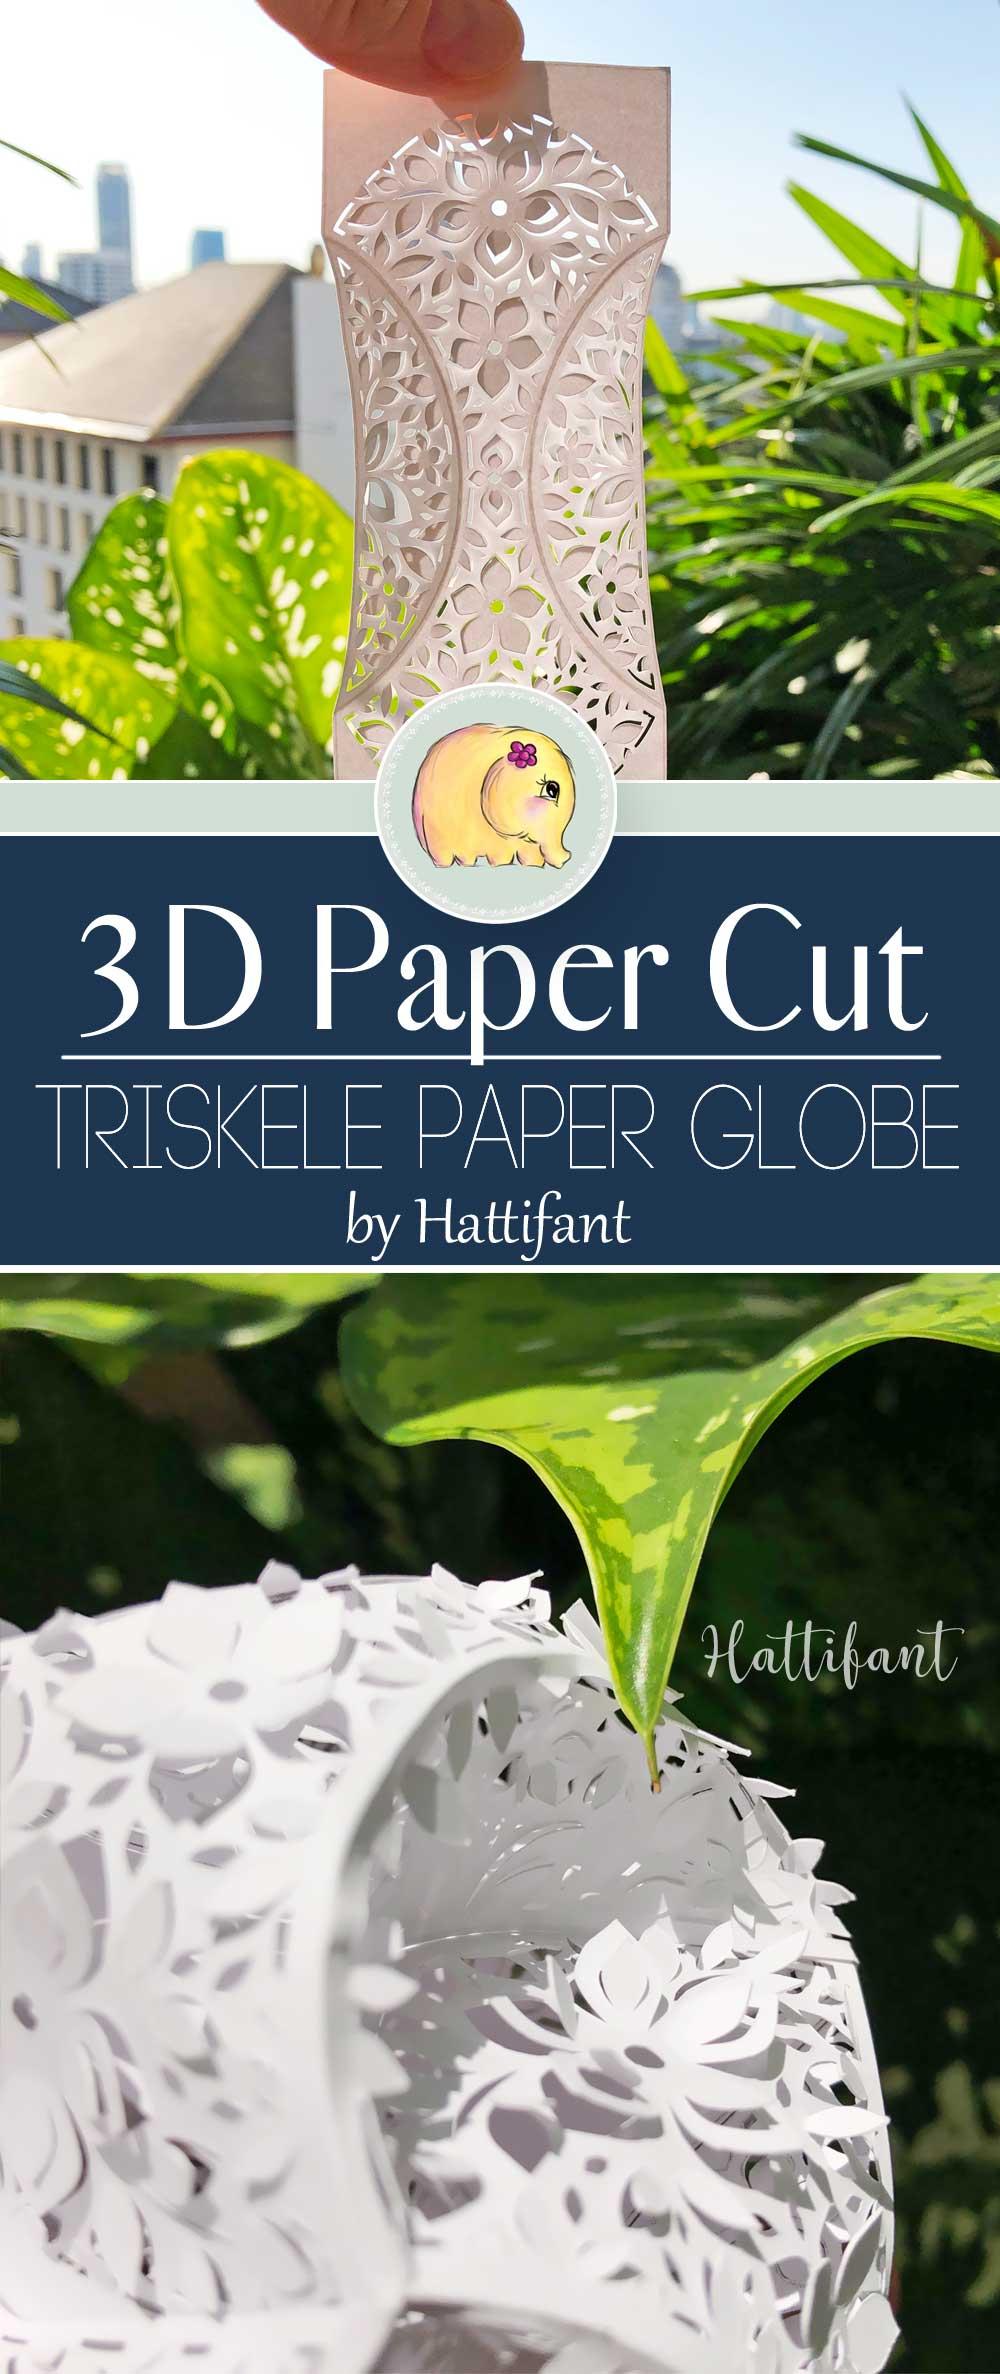 Hattifant's 3D Papercut Paper Cut 3D Flower Triskele Paper Globe Pin 2